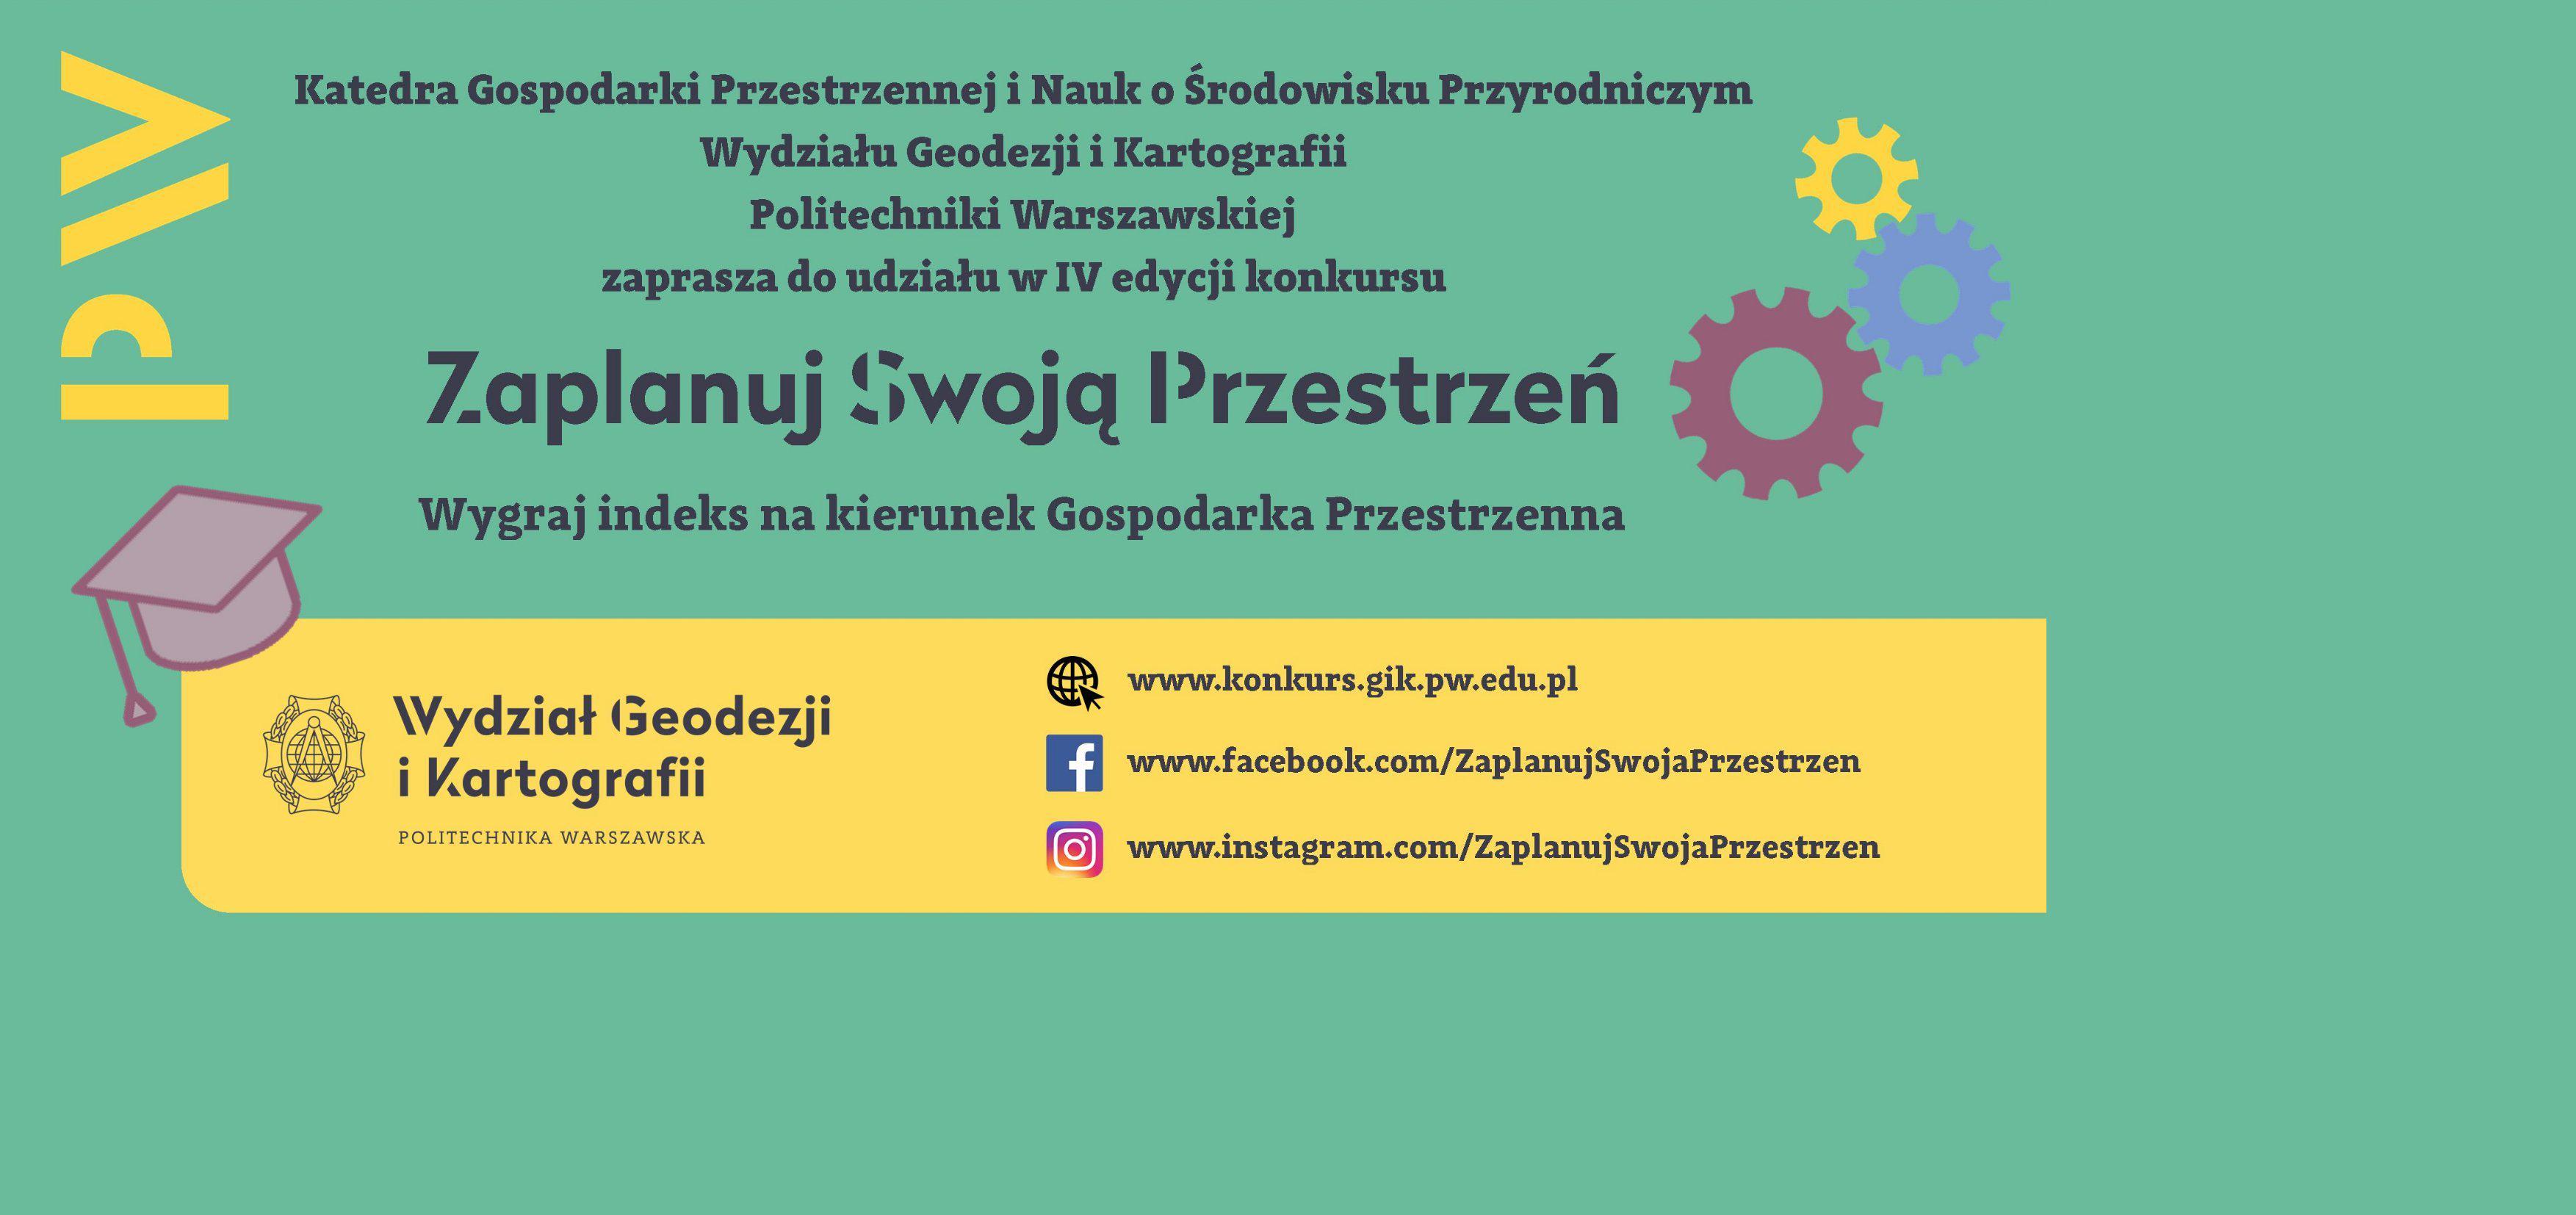 IV-edycja-konkursu-Zaplanuj-swoja-przestrzen